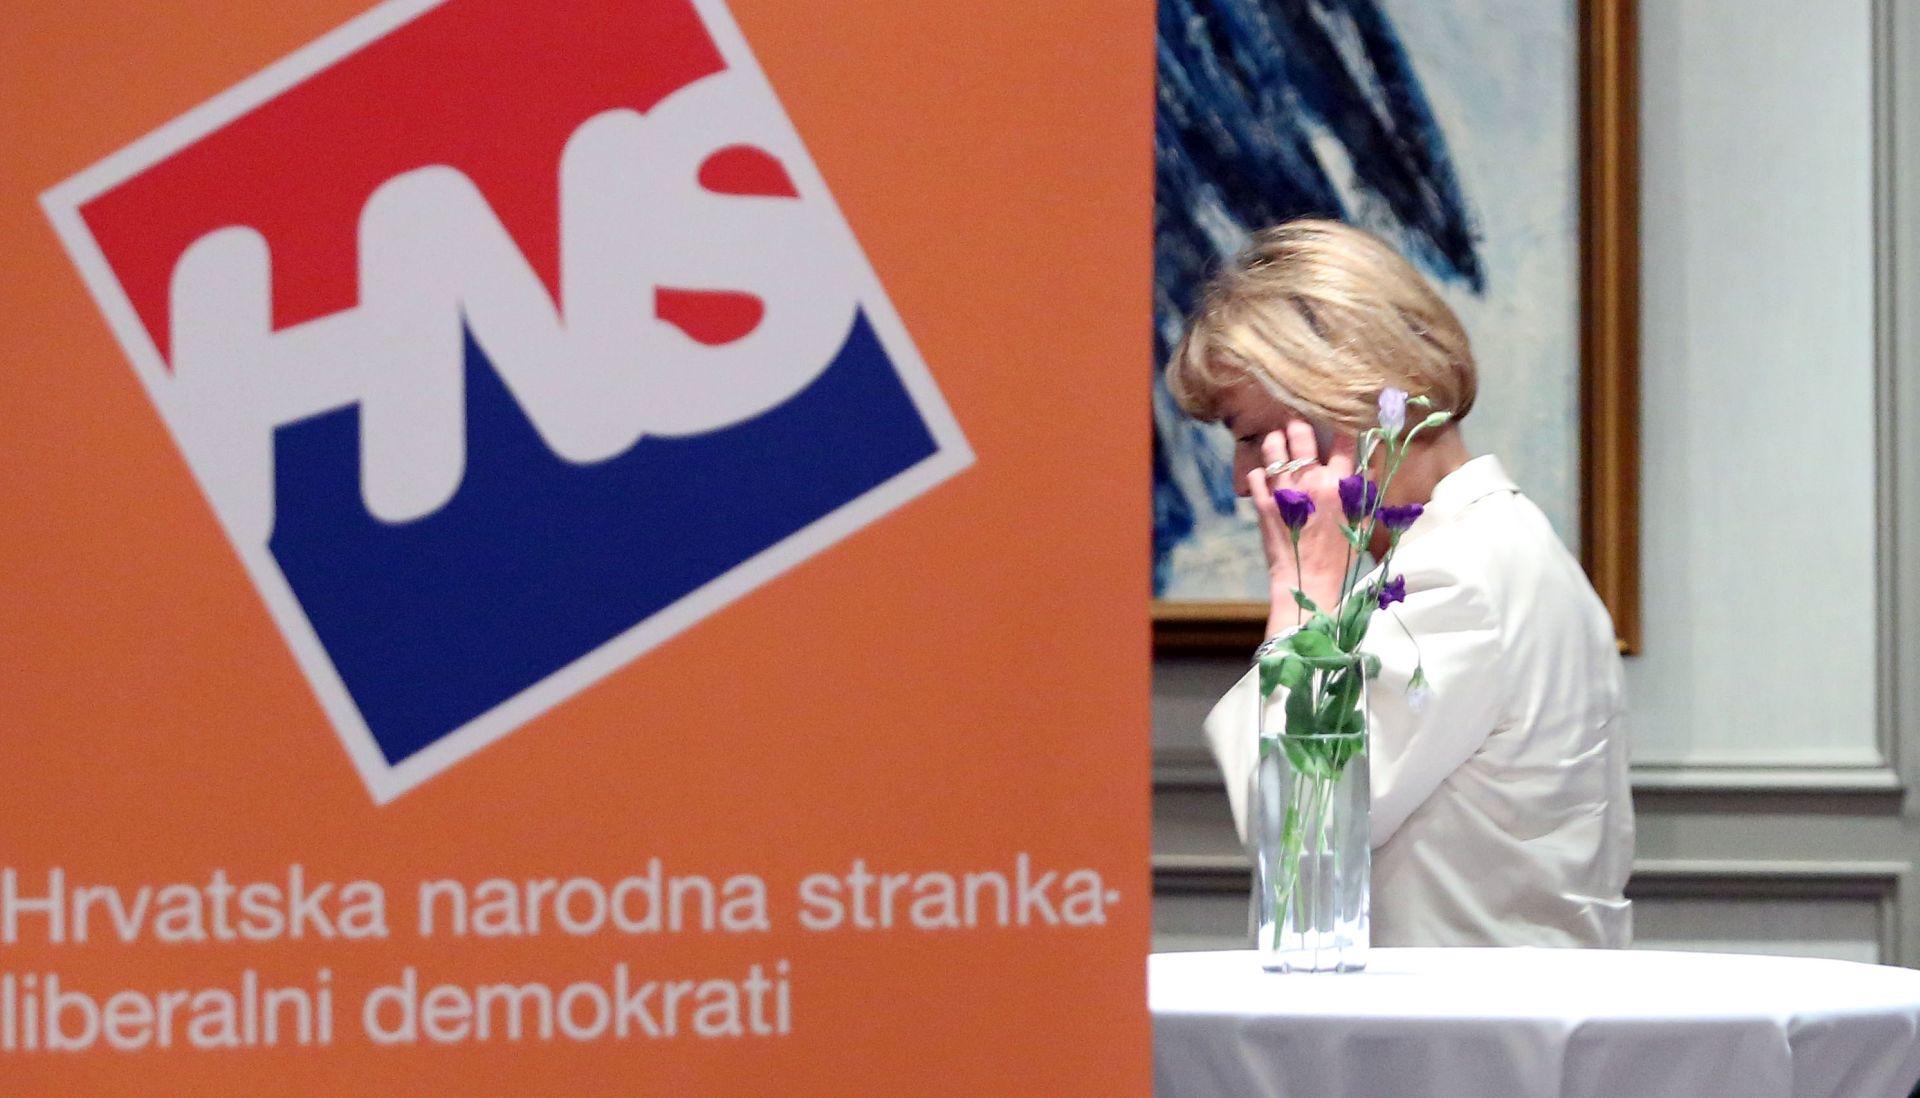 Koaliranjem s HDZ-om otišli smo na smetlište parlamentarne povijesti